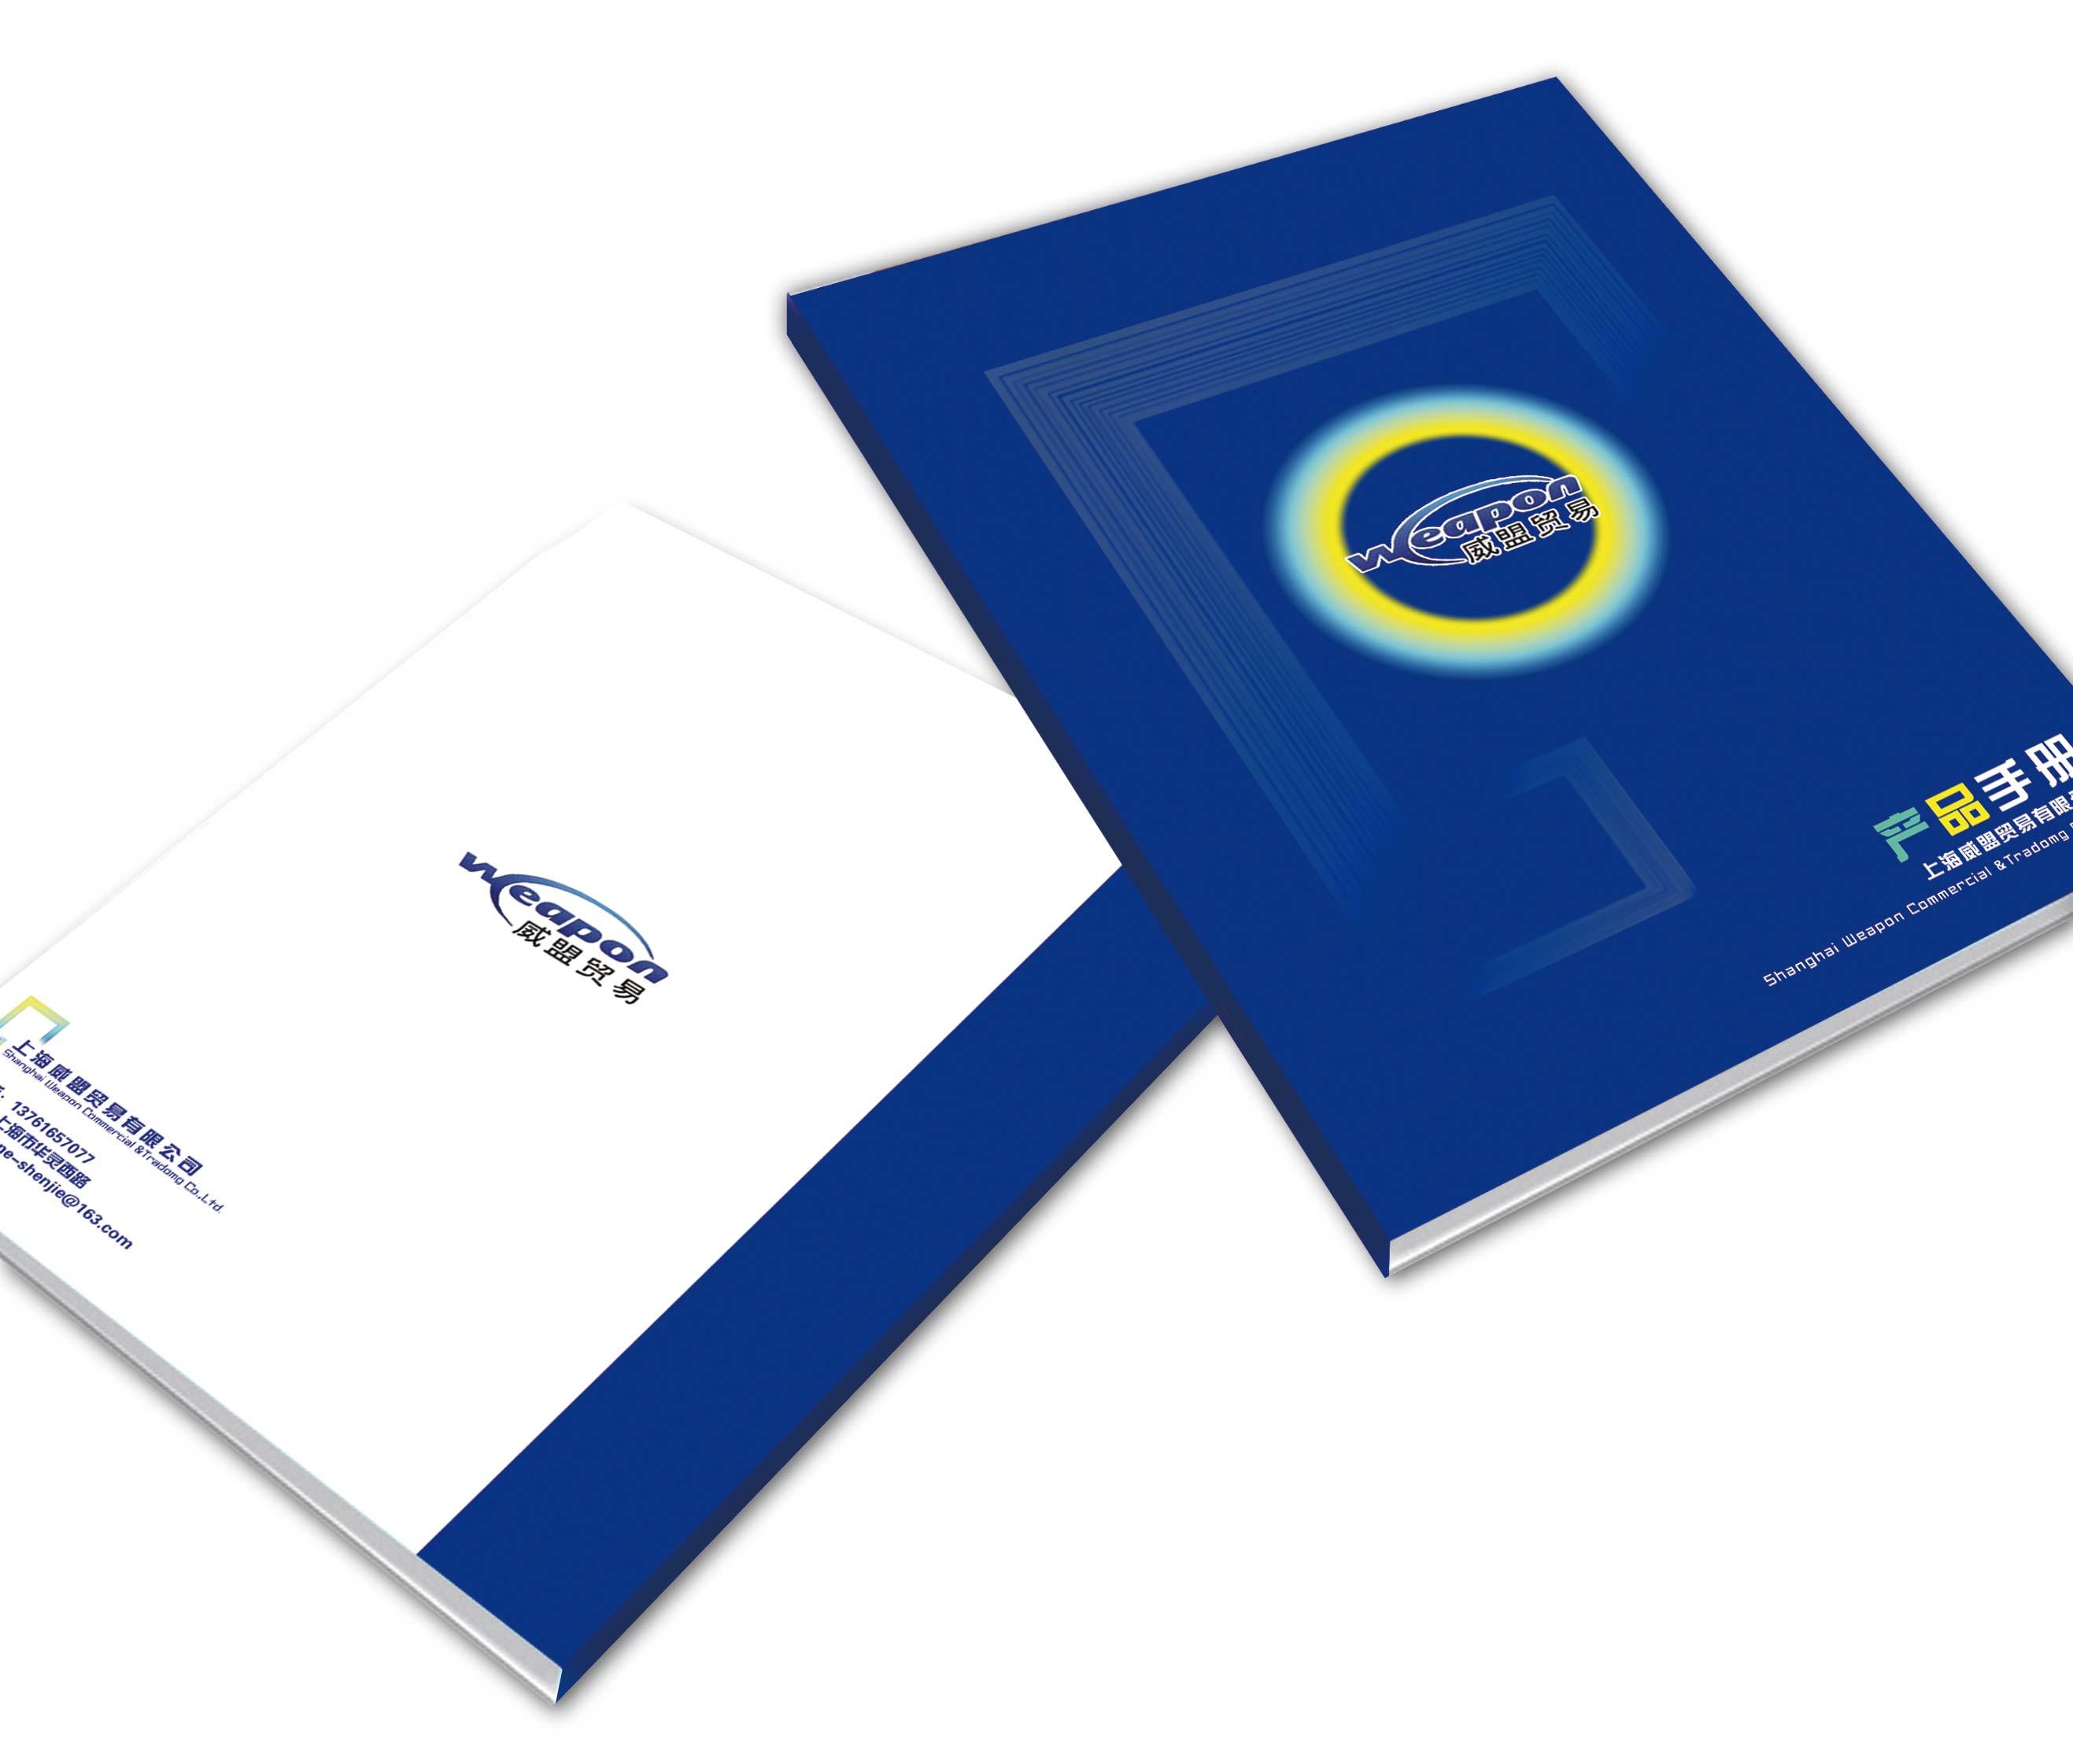 產品宣傳手冊封面設計